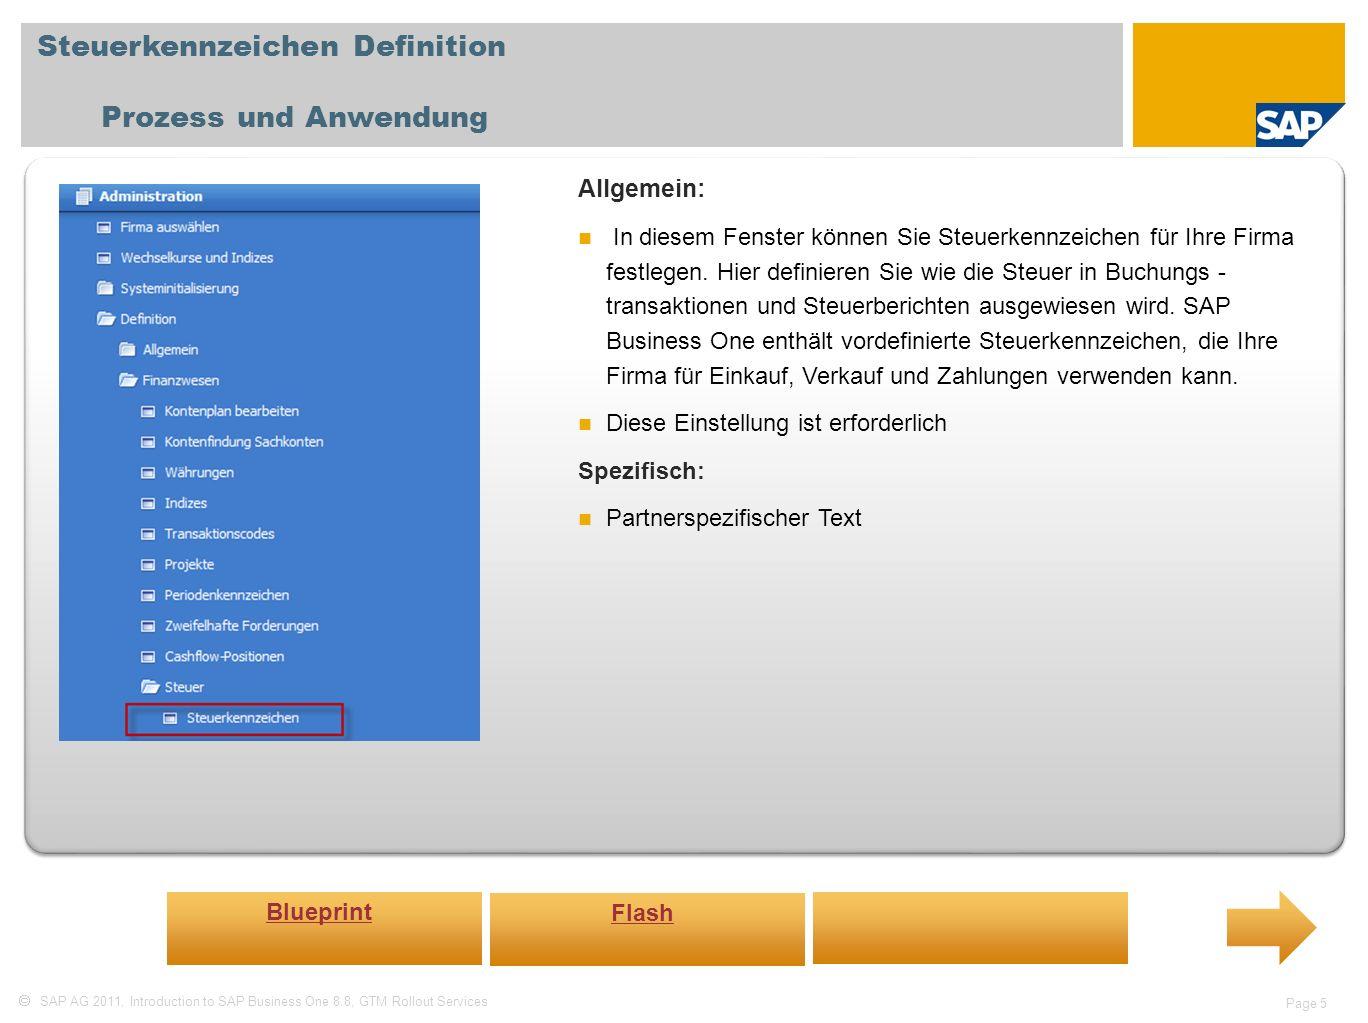 SAP AG 2011, Introduction to SAP Business One 8.8, GTM Rollout Services Page 5 Steuerkennzeichen Definition Prozess und Anwendung Allgemein: In diesem